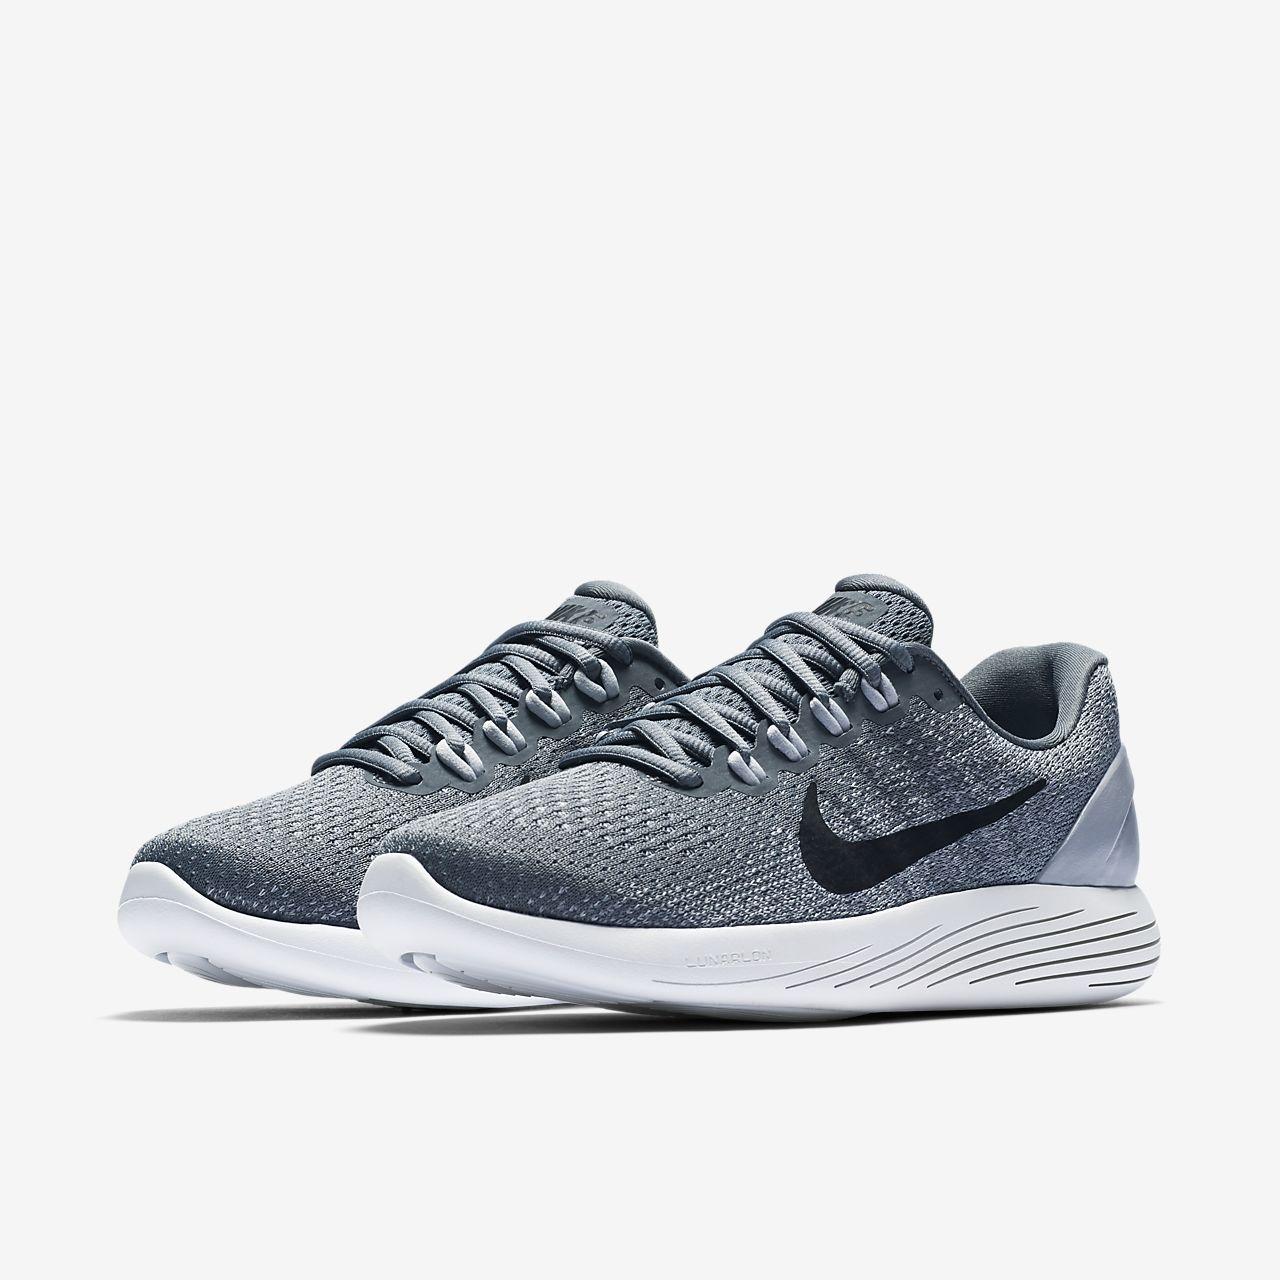 ef0e8c12b13b Nike LunarGlide 9 Women s Running Shoe. Nike.com AU